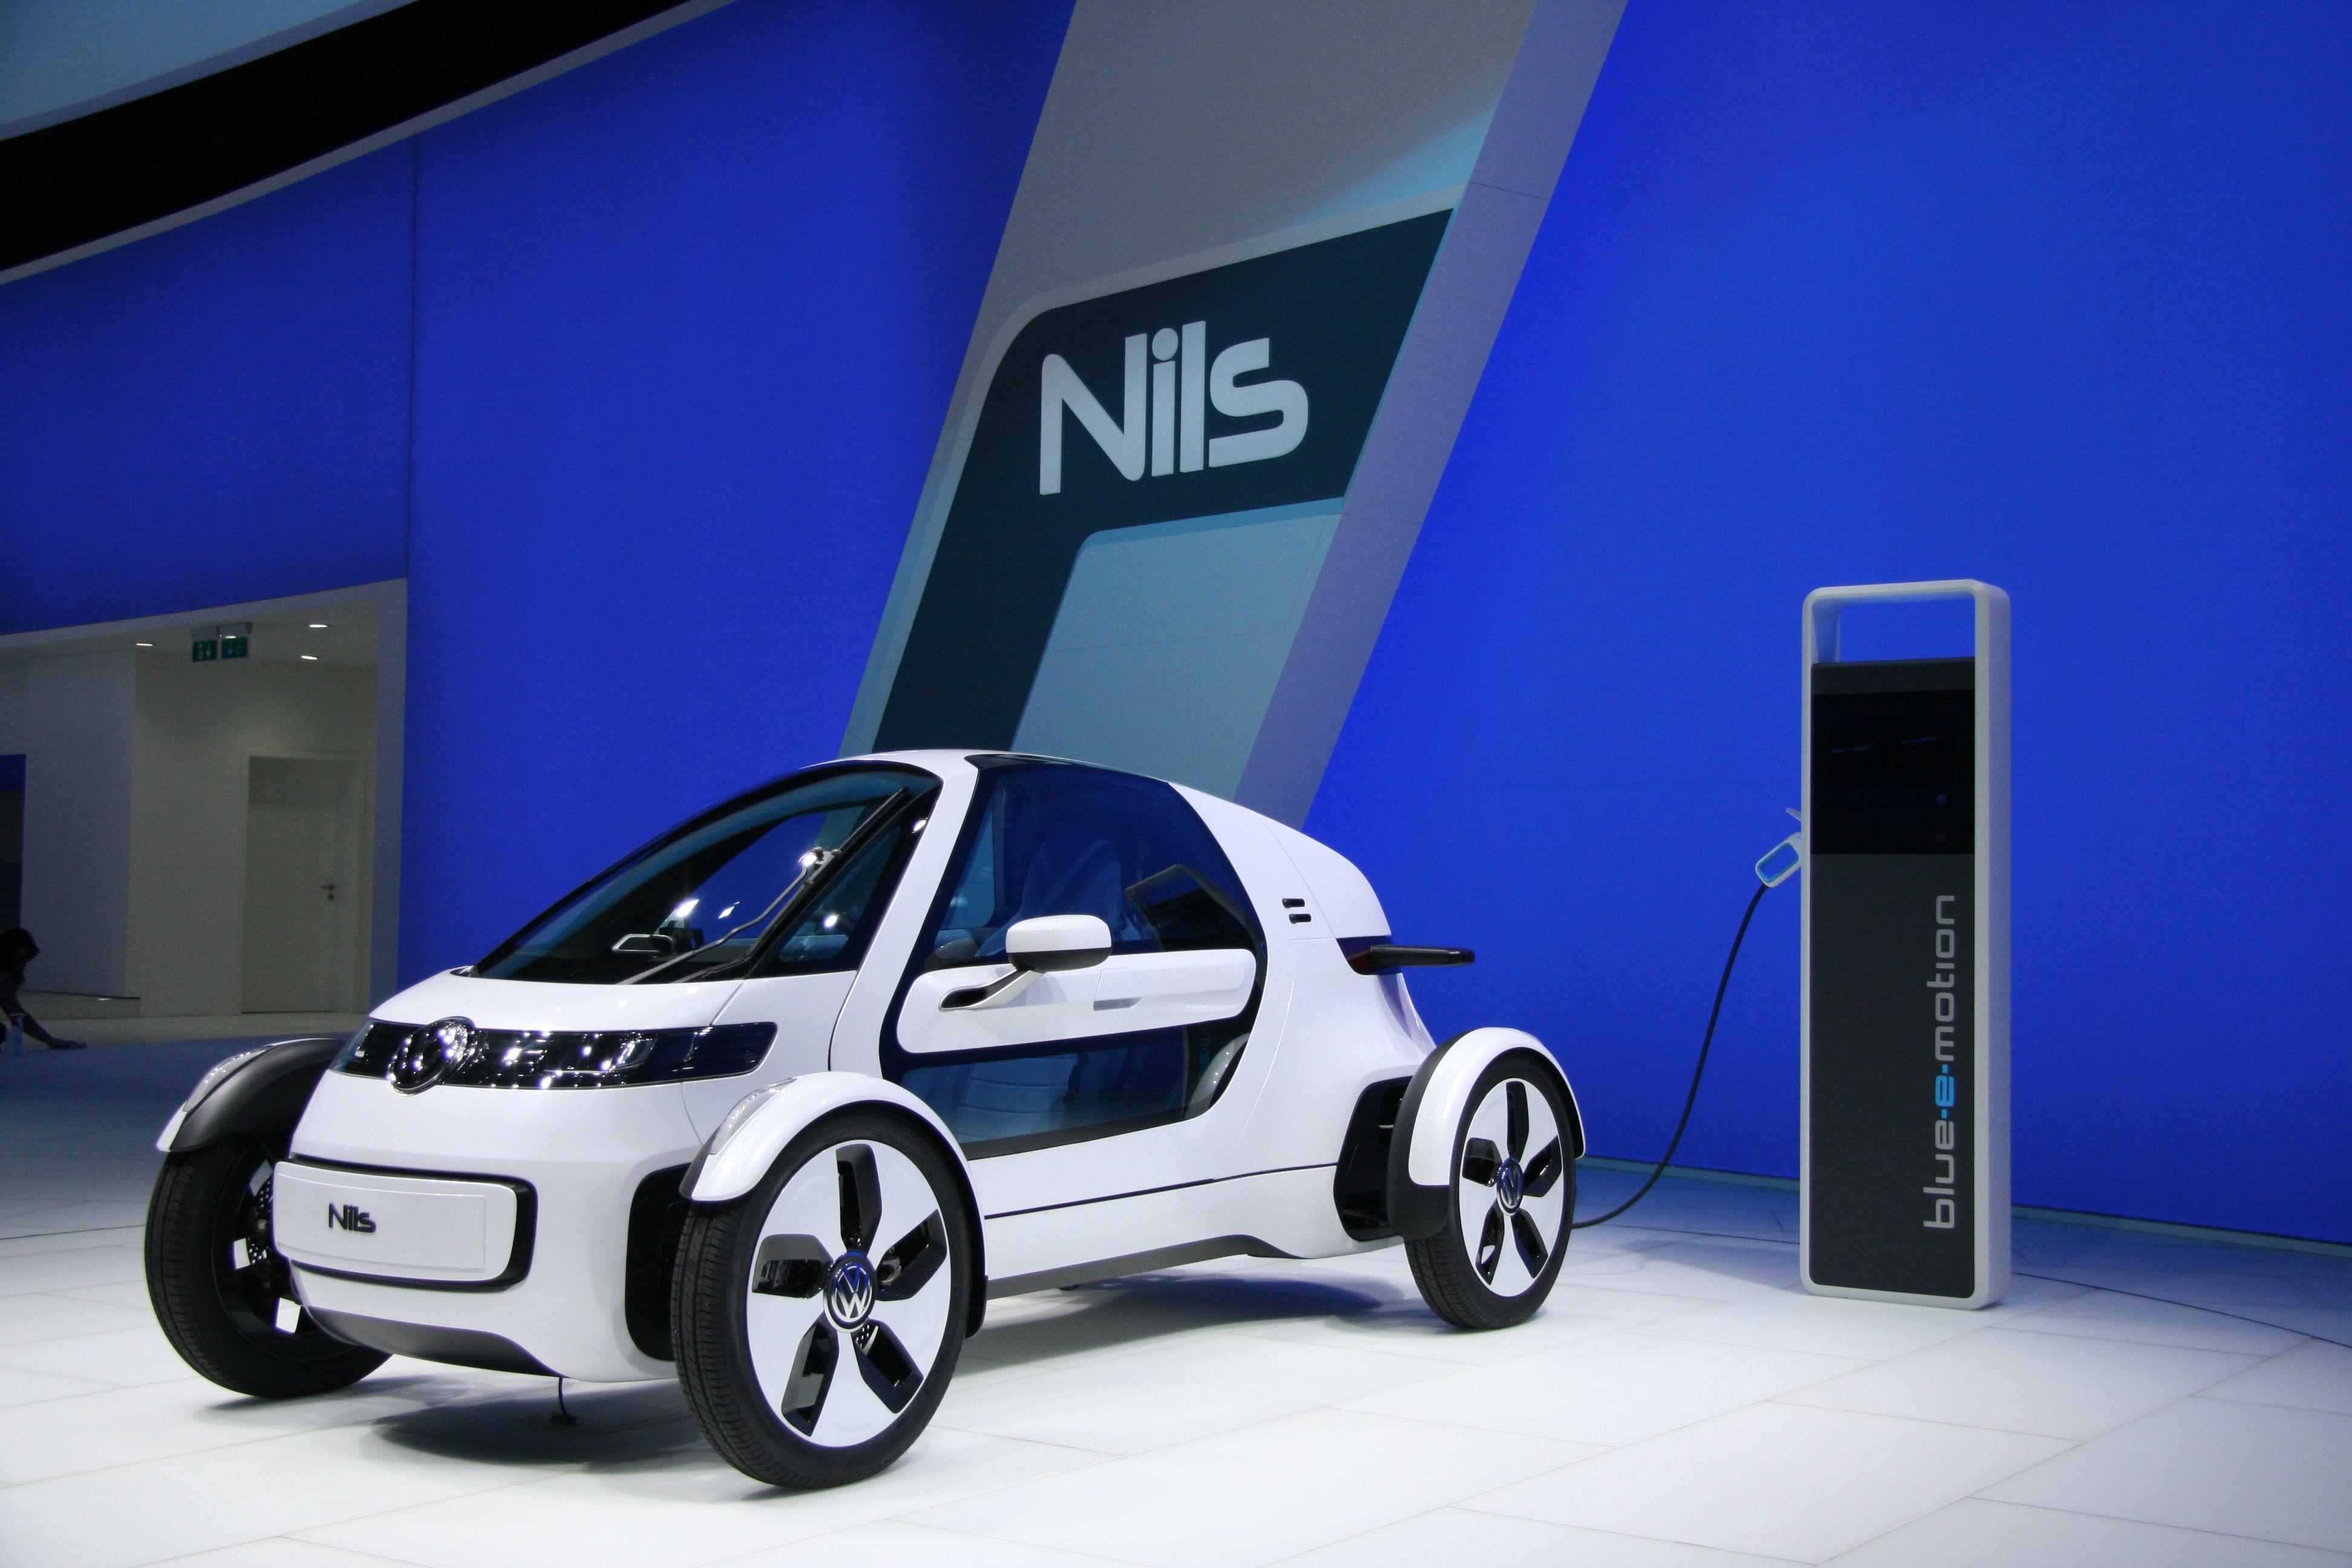 VW_Nils.jpg 3888×2592 пикс